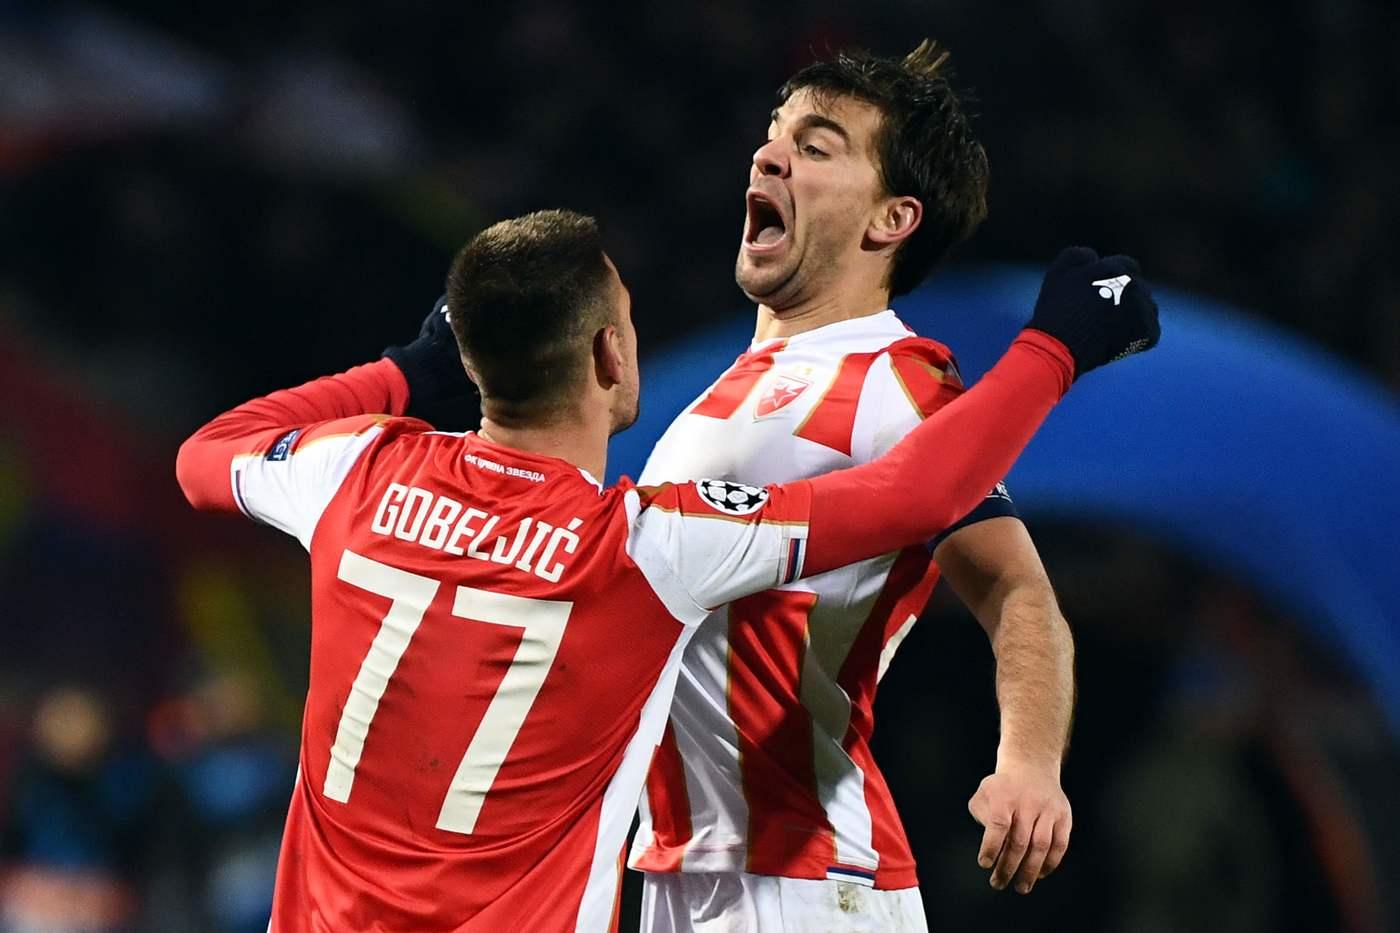 pronostici-serbia-super-liga-analisi-giornata-3-calcio-quote